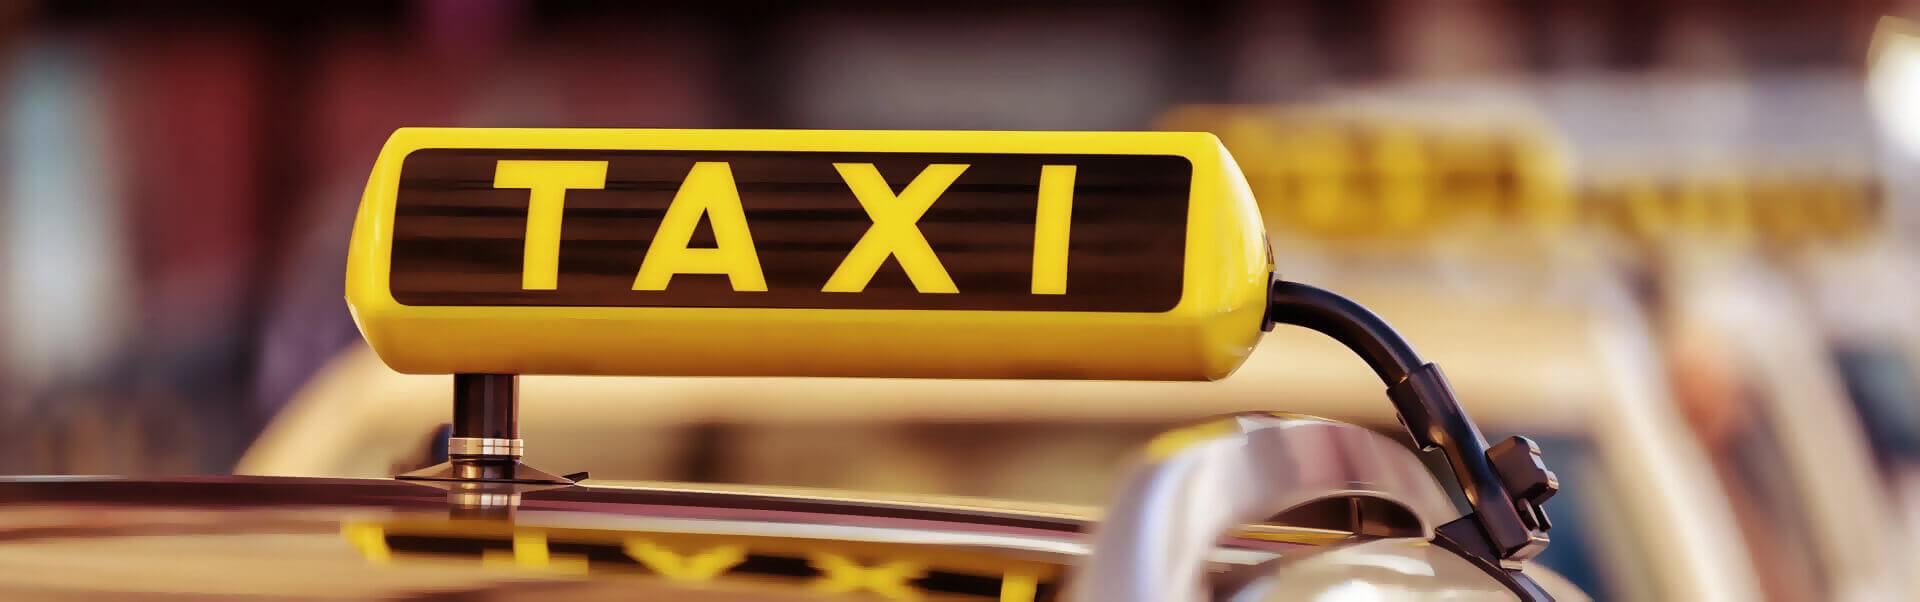 Taxi Header Bild